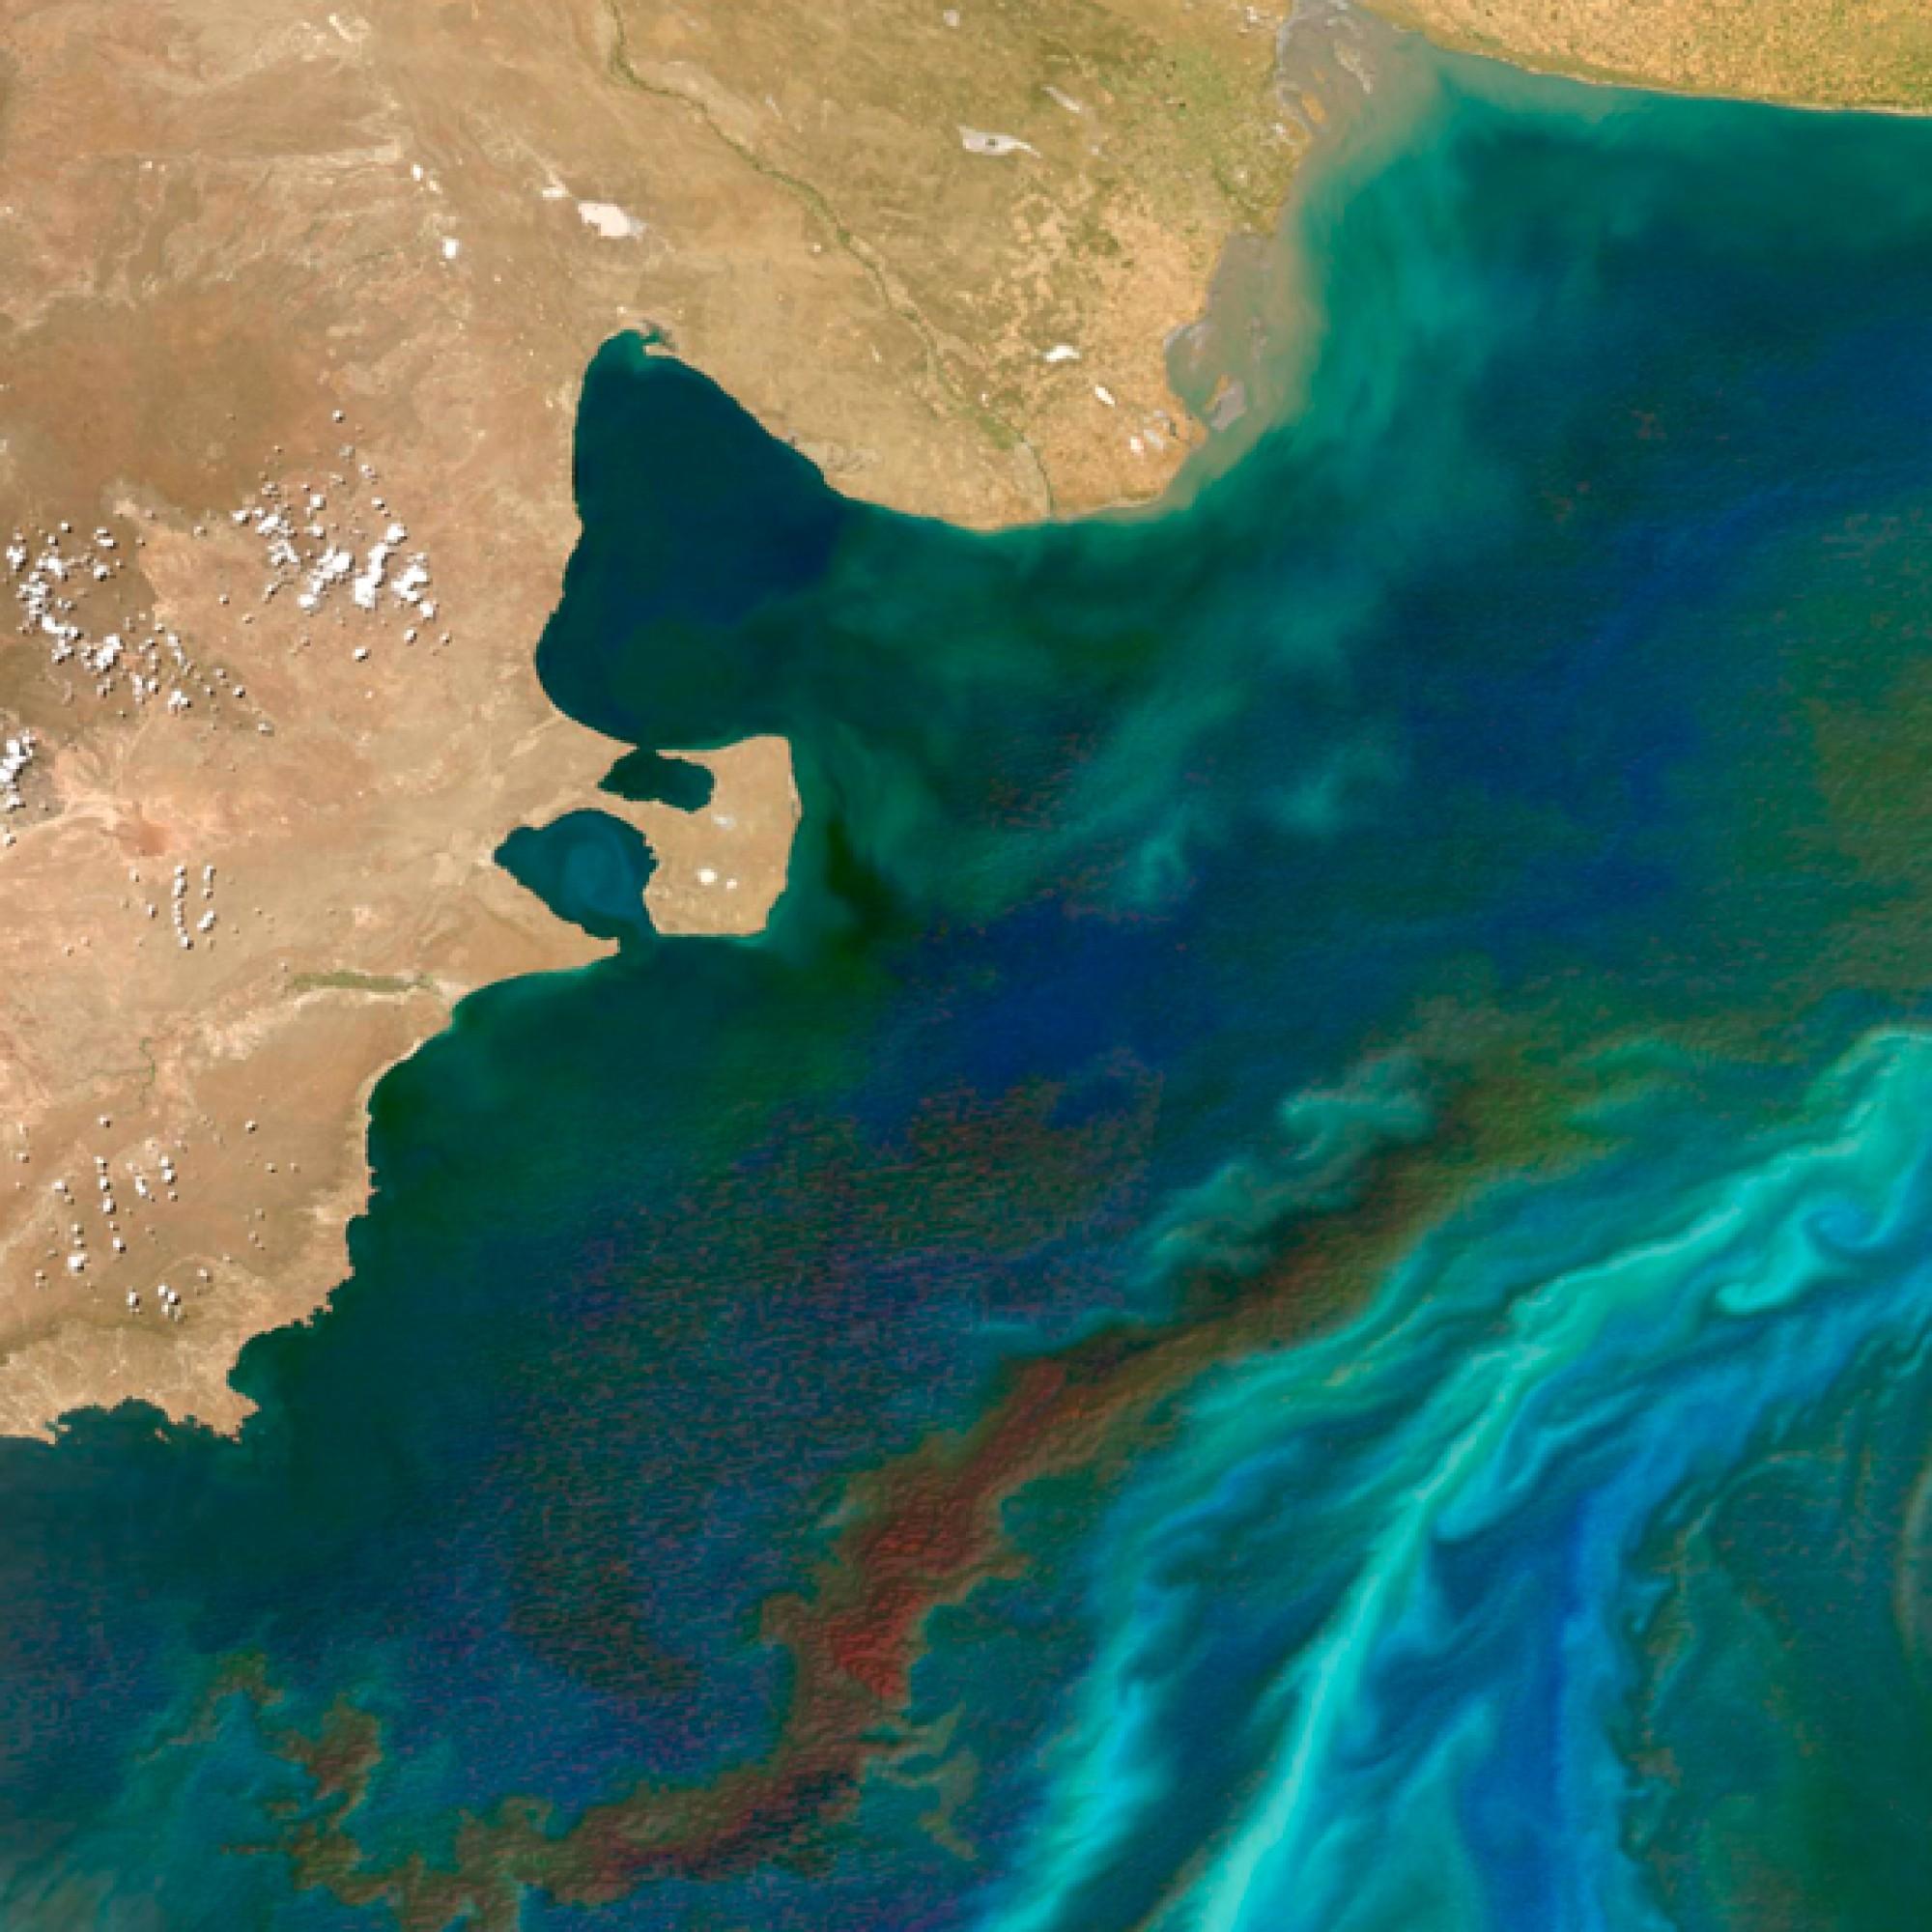 An der Küste Argentiniens  wird es bunt: Im Sommer blühen dort die Pythoplanktons und sorgen zusammen mit den Strömungen für ein grünt-türkis-blaues Farbenspiel. (nasa.org)